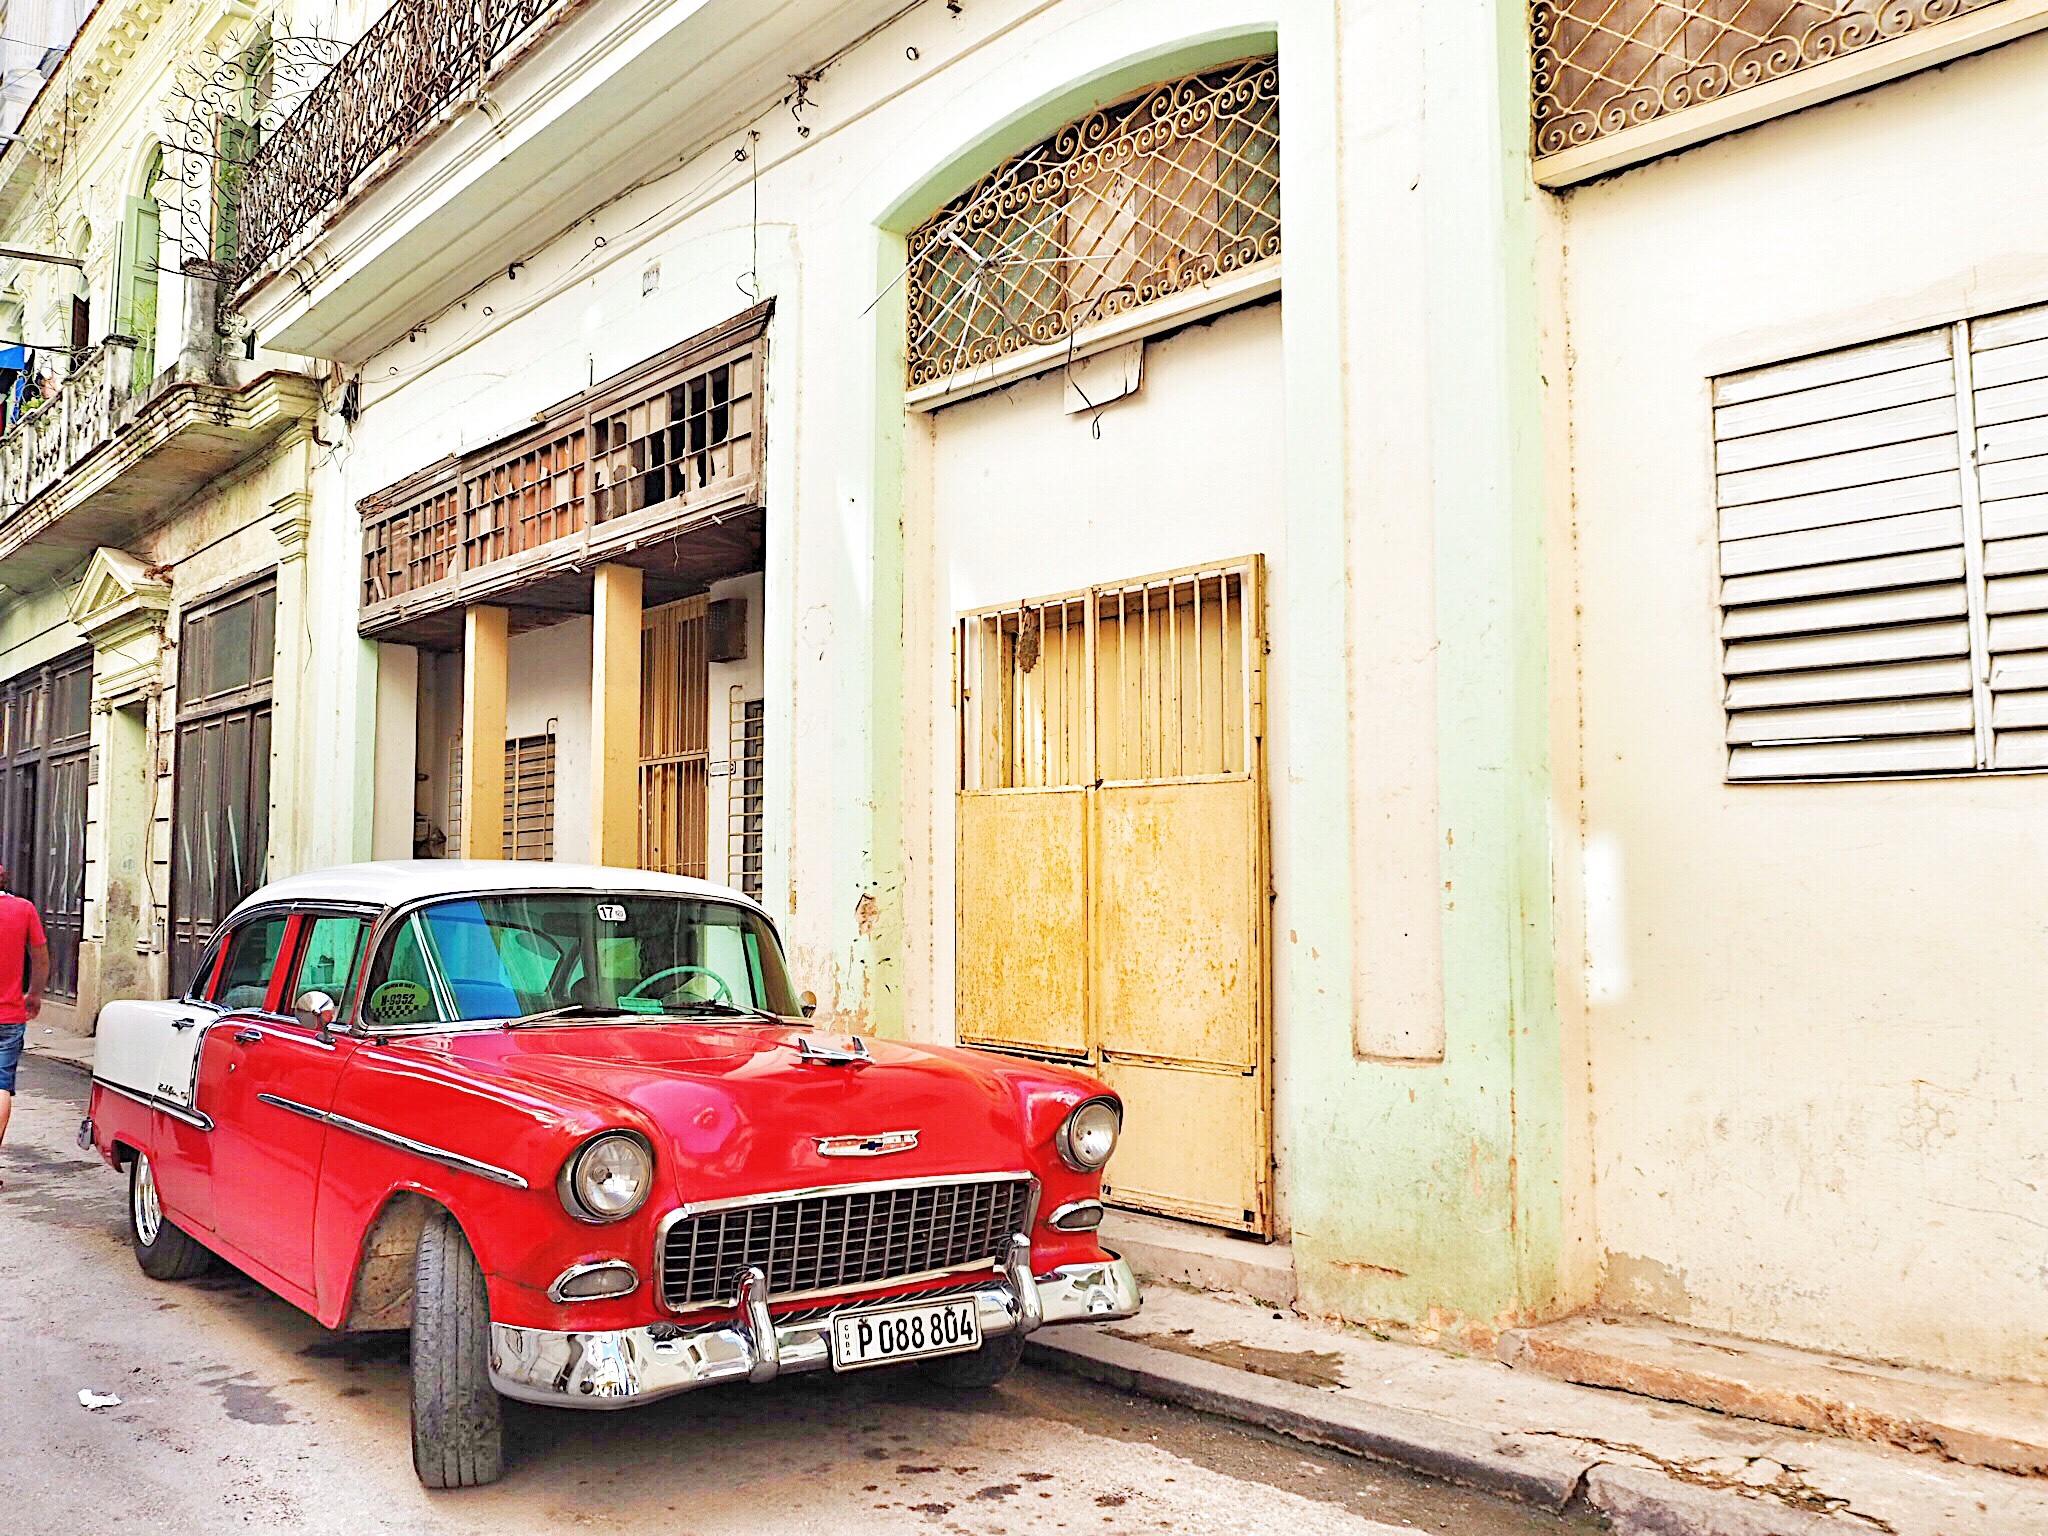 288c28e5 9fb7 4383 8017 2f04da87b832 - Old Habana - 街全体が世界遺産 色が溢れるハバナ旧市街散歩で出会った風景